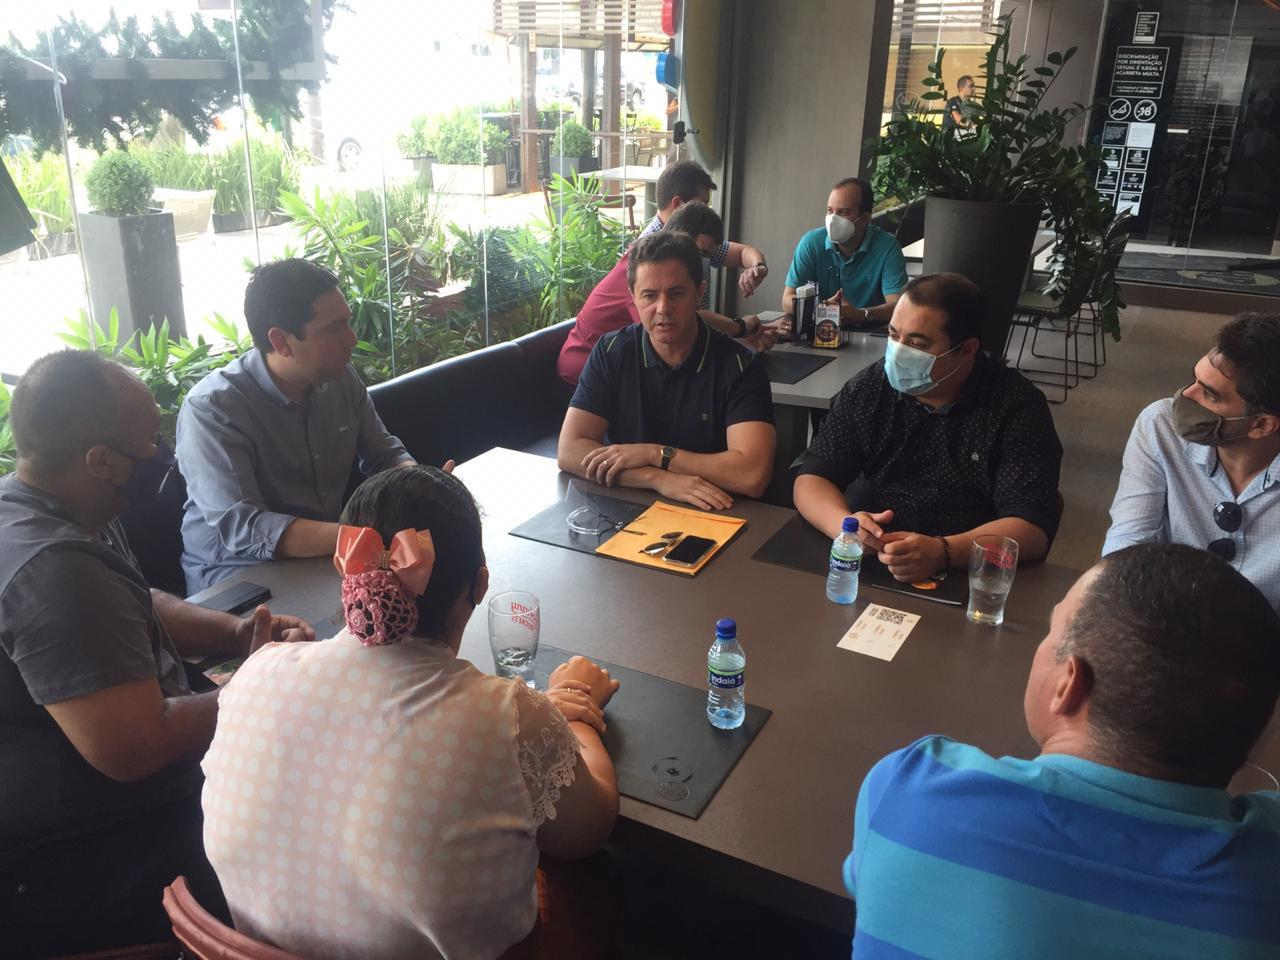 WhatsApp Image 2020 12 03 at 20.25.15 - Deputado Felipe Leitão reúne senador Veneziano e prefeitos de sua base para tratar de investimentos nos municípios